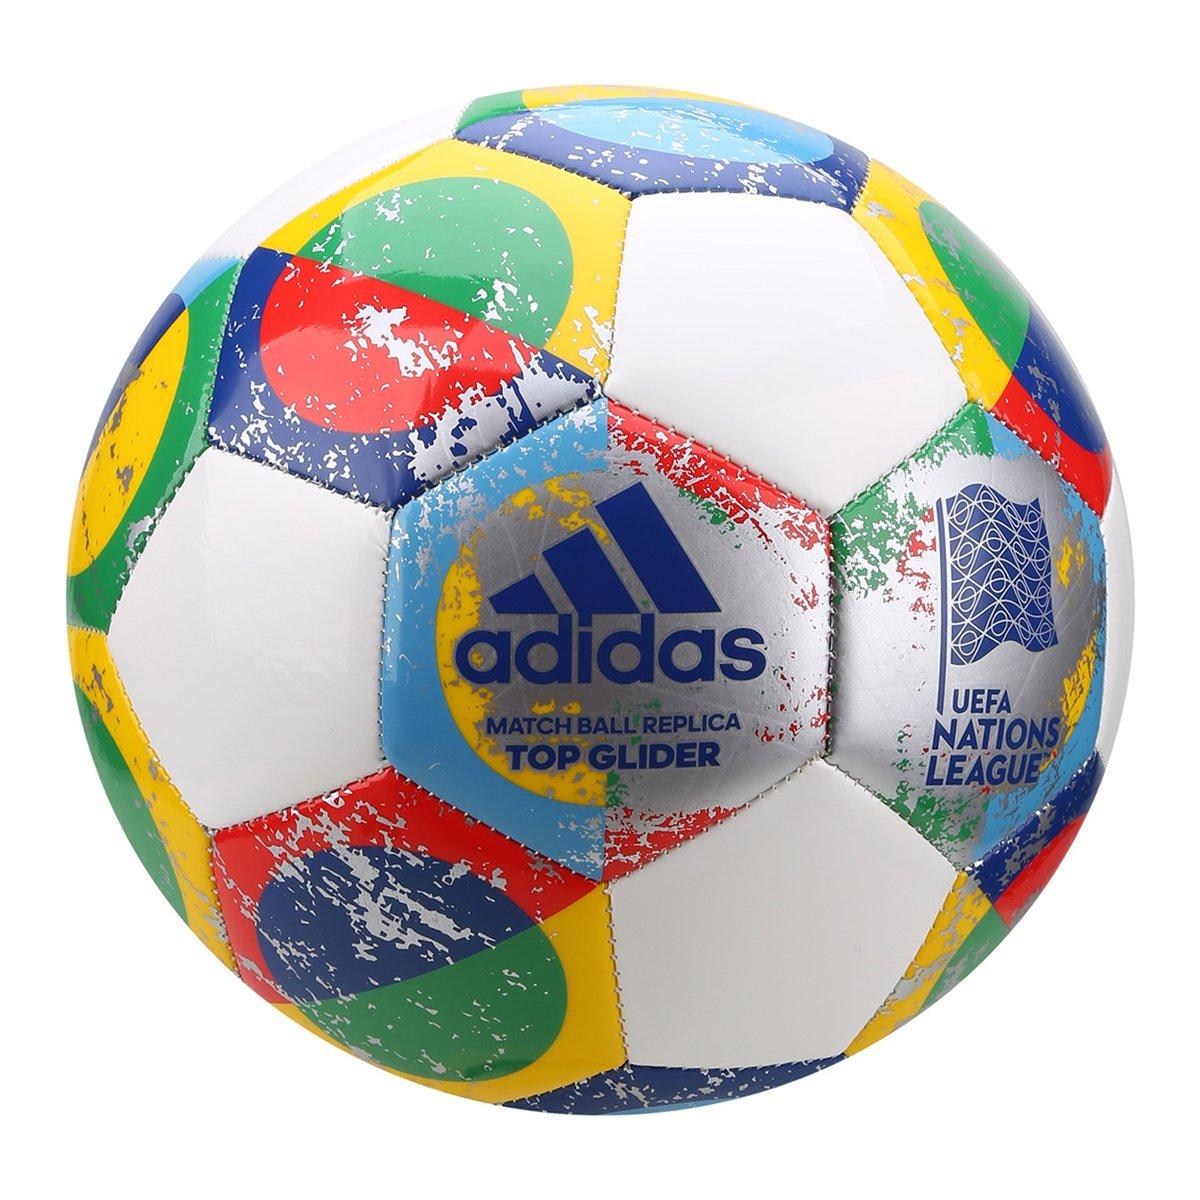 66cac7dcb903a Bola de Futebol Campo Adidas UEFA Nations League Top Glider Match Ball  Replique - Branco e prata | São Paulo Mania